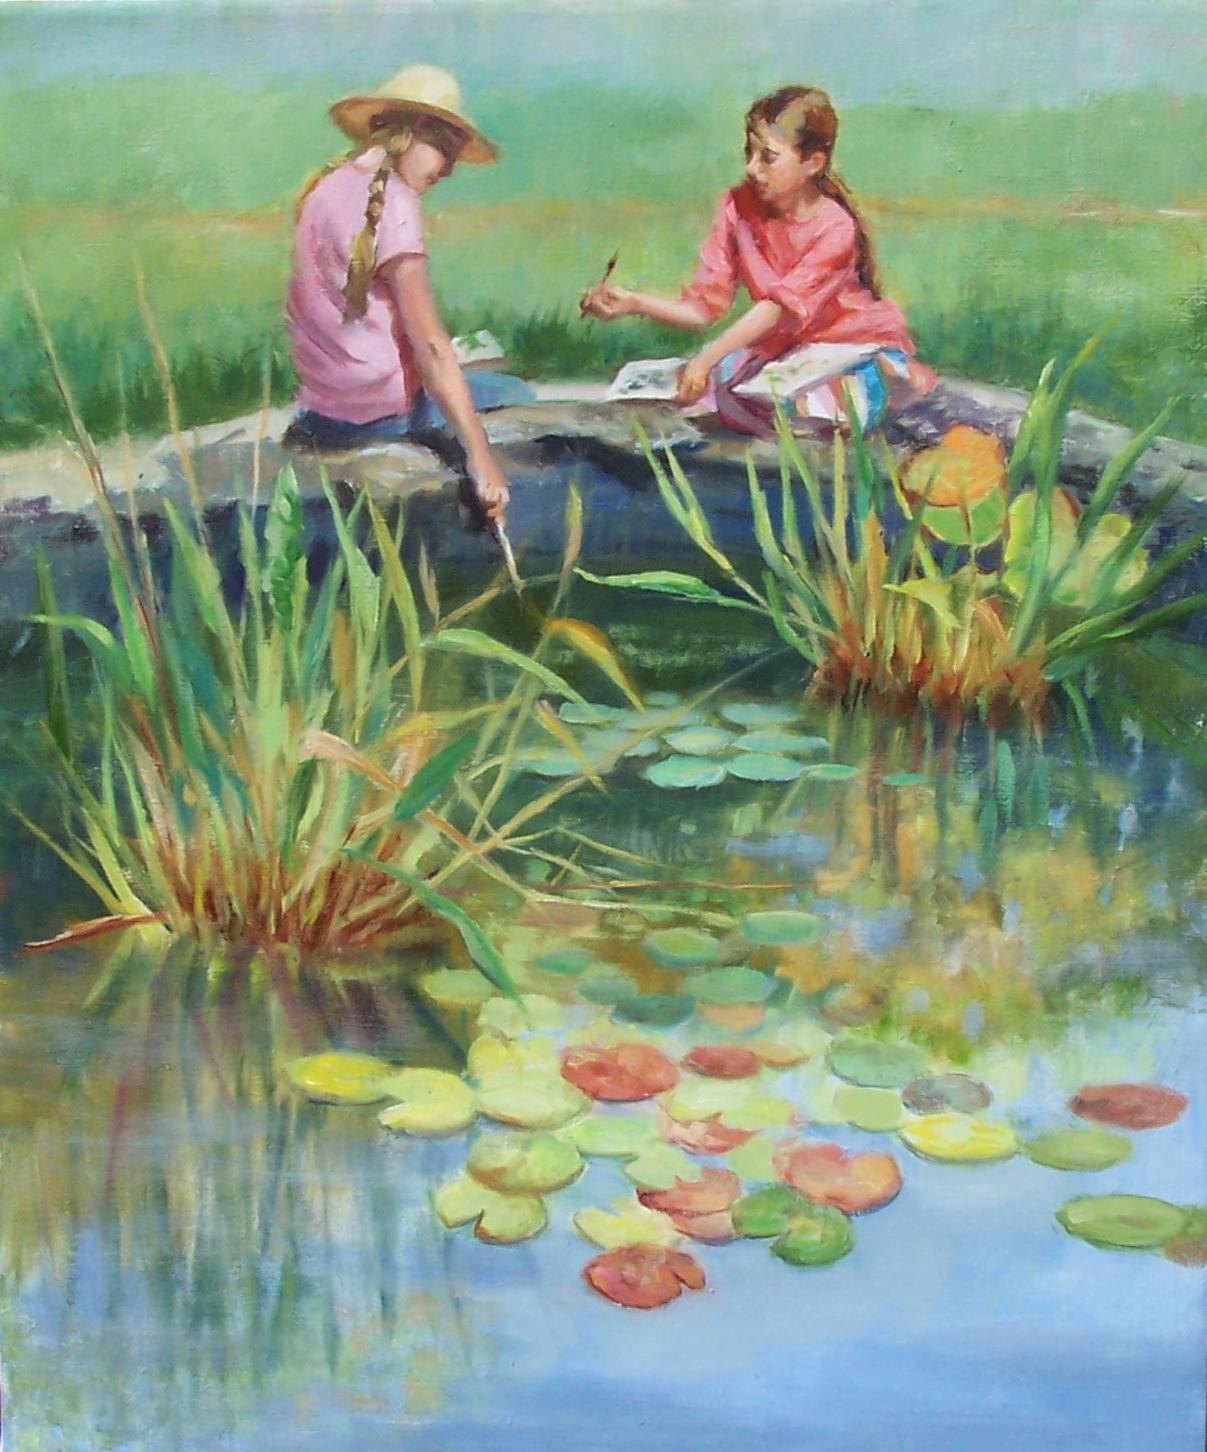 Au bord de l'eau. - Page 25 Young-13